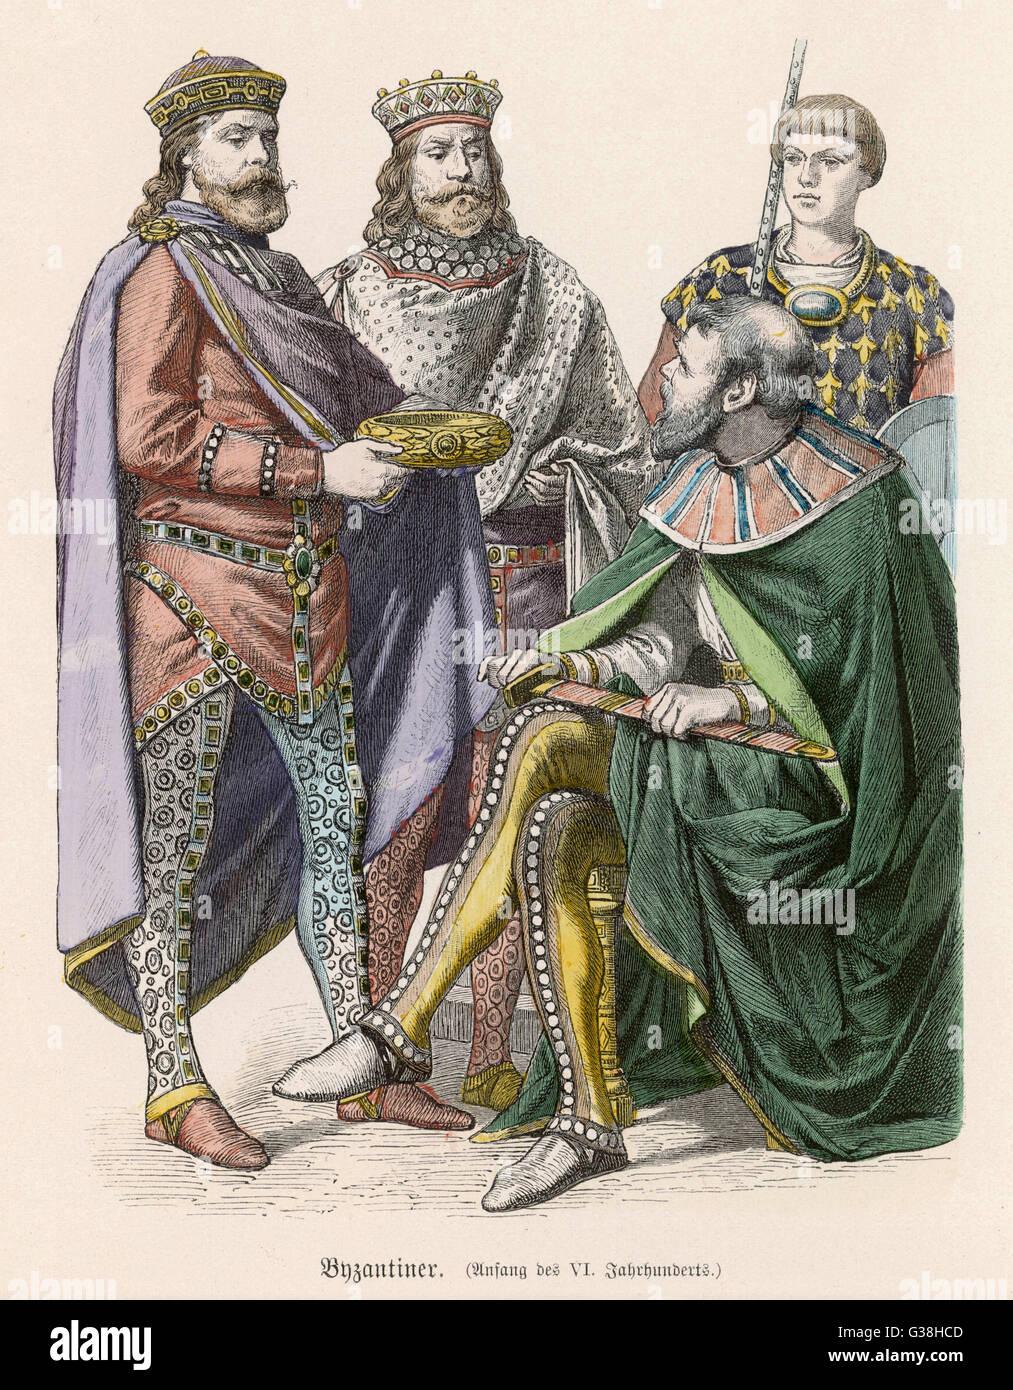 Gli uomini del periodo bizantino Data: sesto secolo Immagini Stock